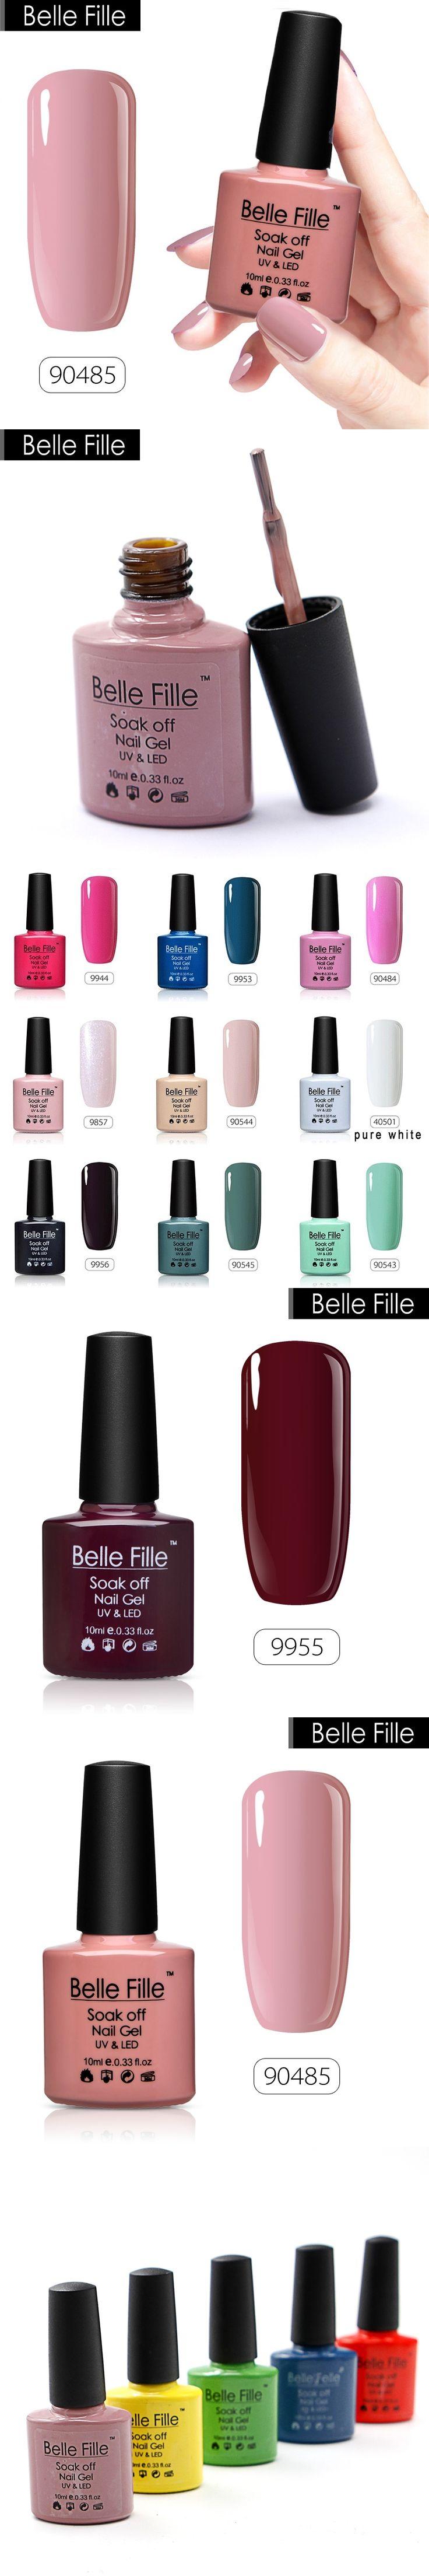 BELLE FILLE 79 Colors Gel Nail Polish UV 10ml Pink Soak Off Gel Polish LED Gel For Nails Varnish Base Coat Vernis Semi Permanent